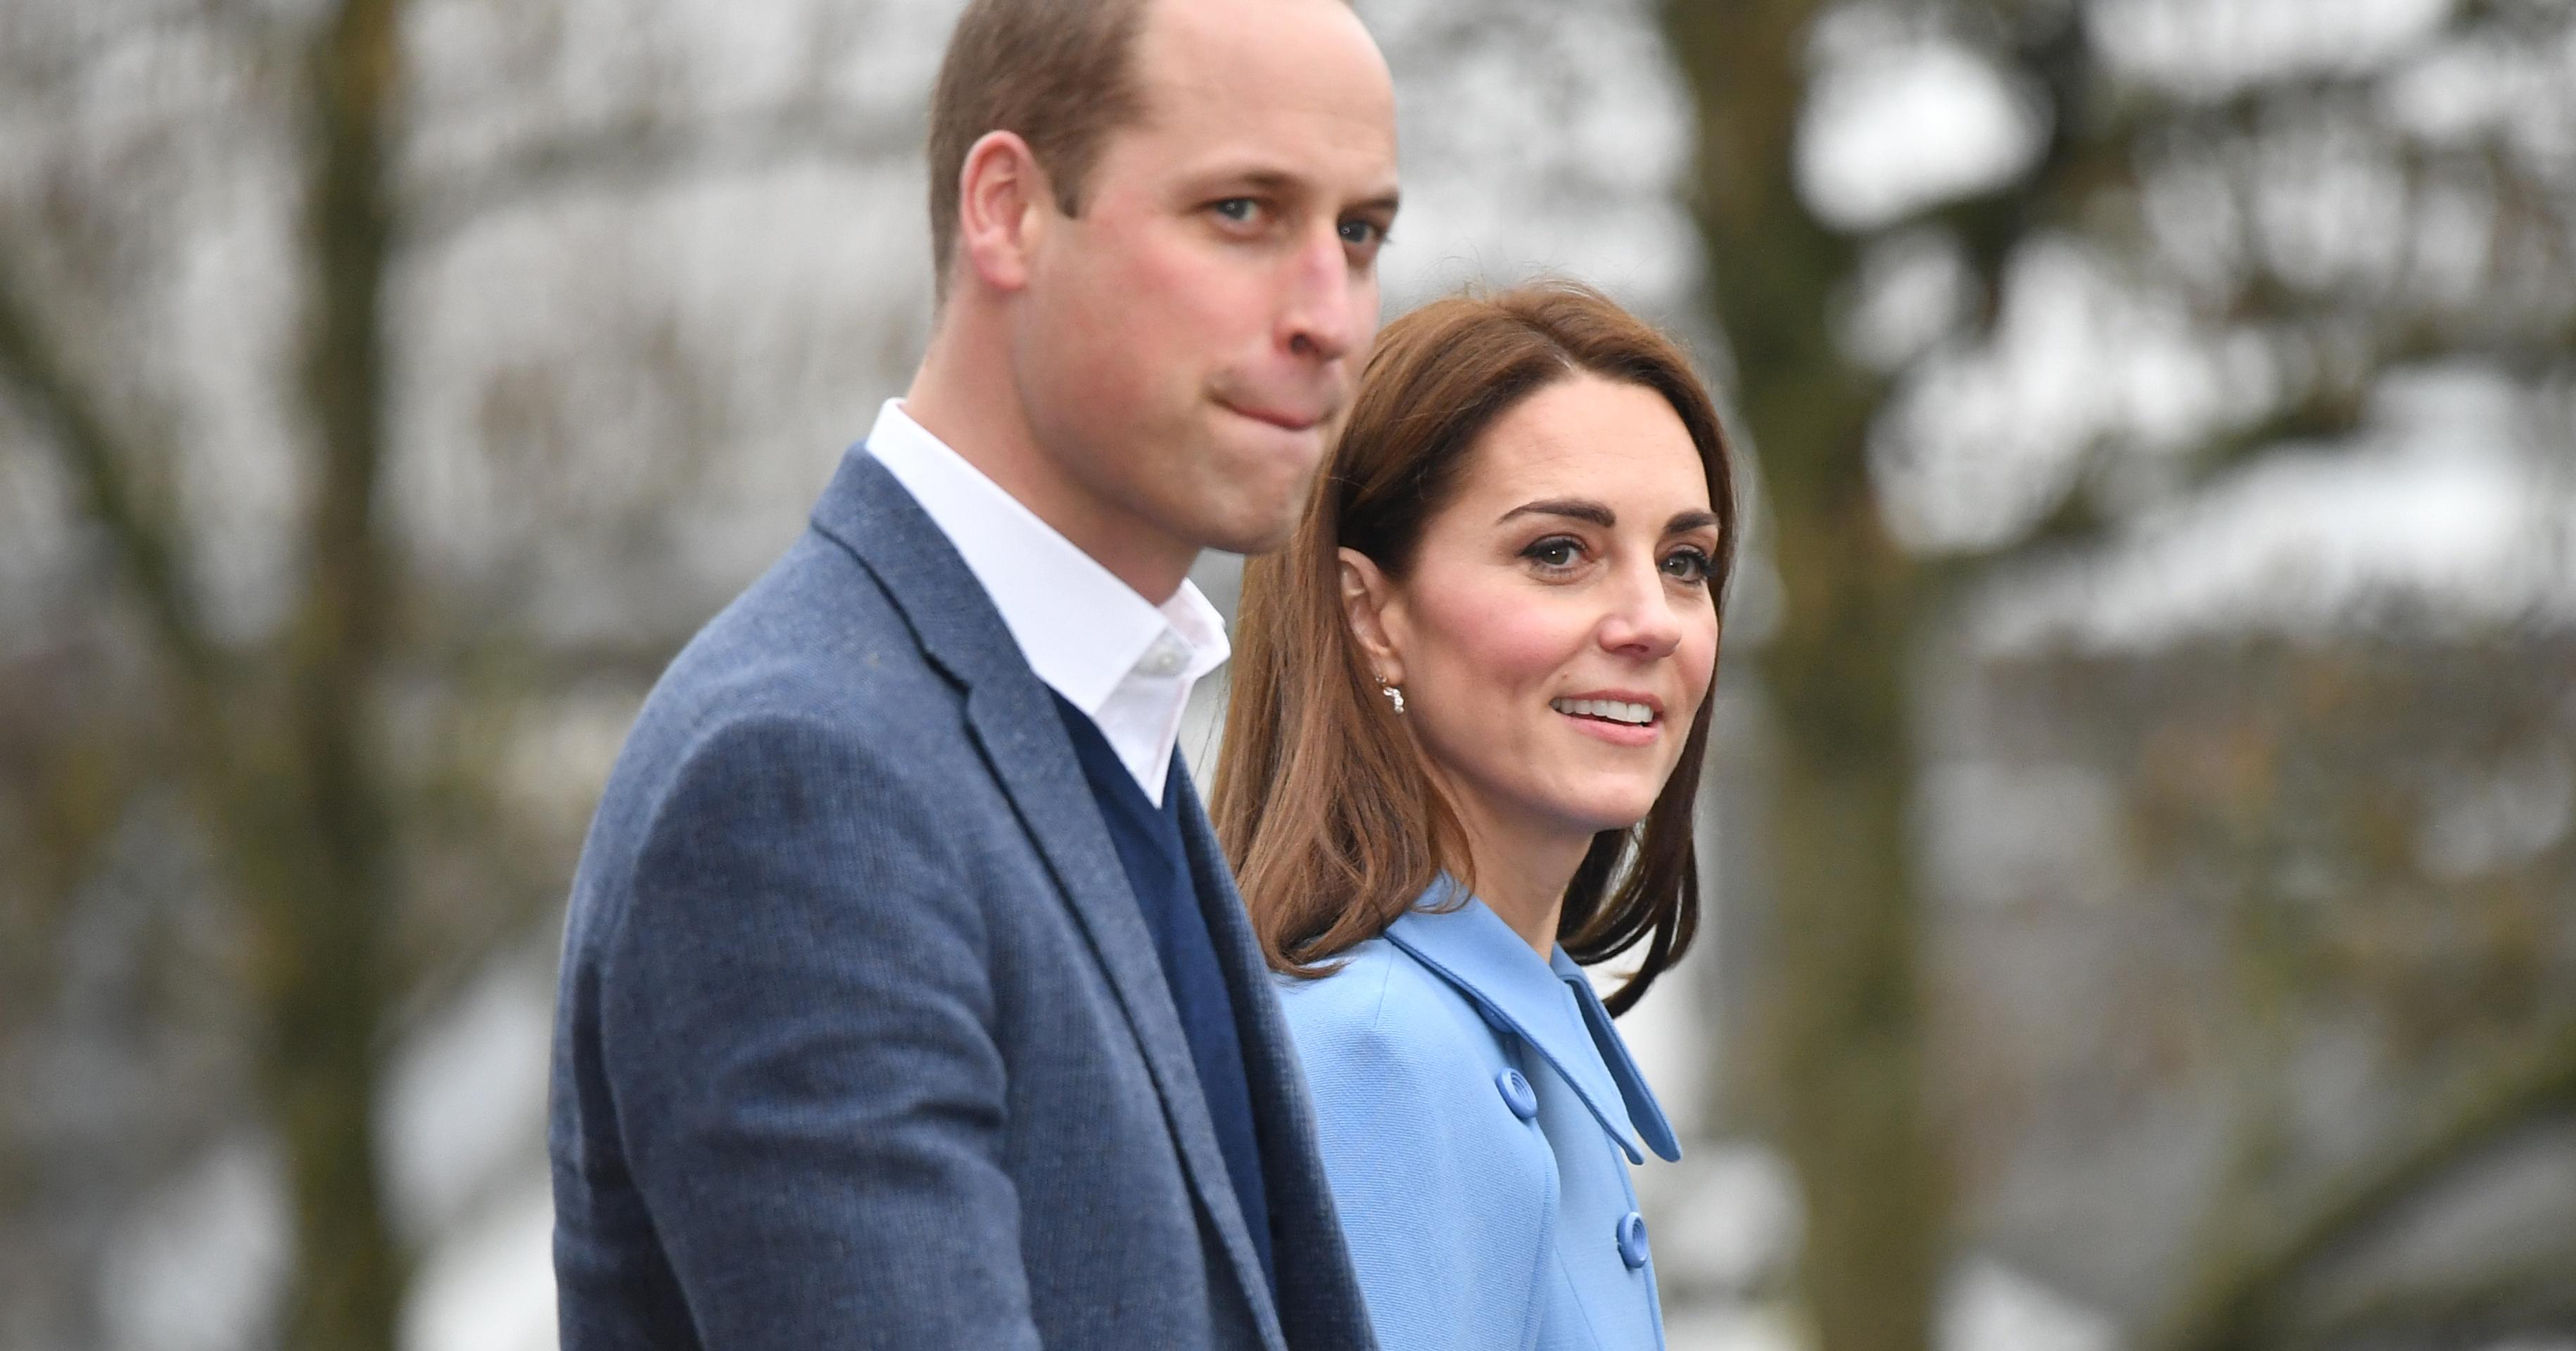 Кейт Миддлтон и принц Уильям прилетели с официальным визитом в Ирландию